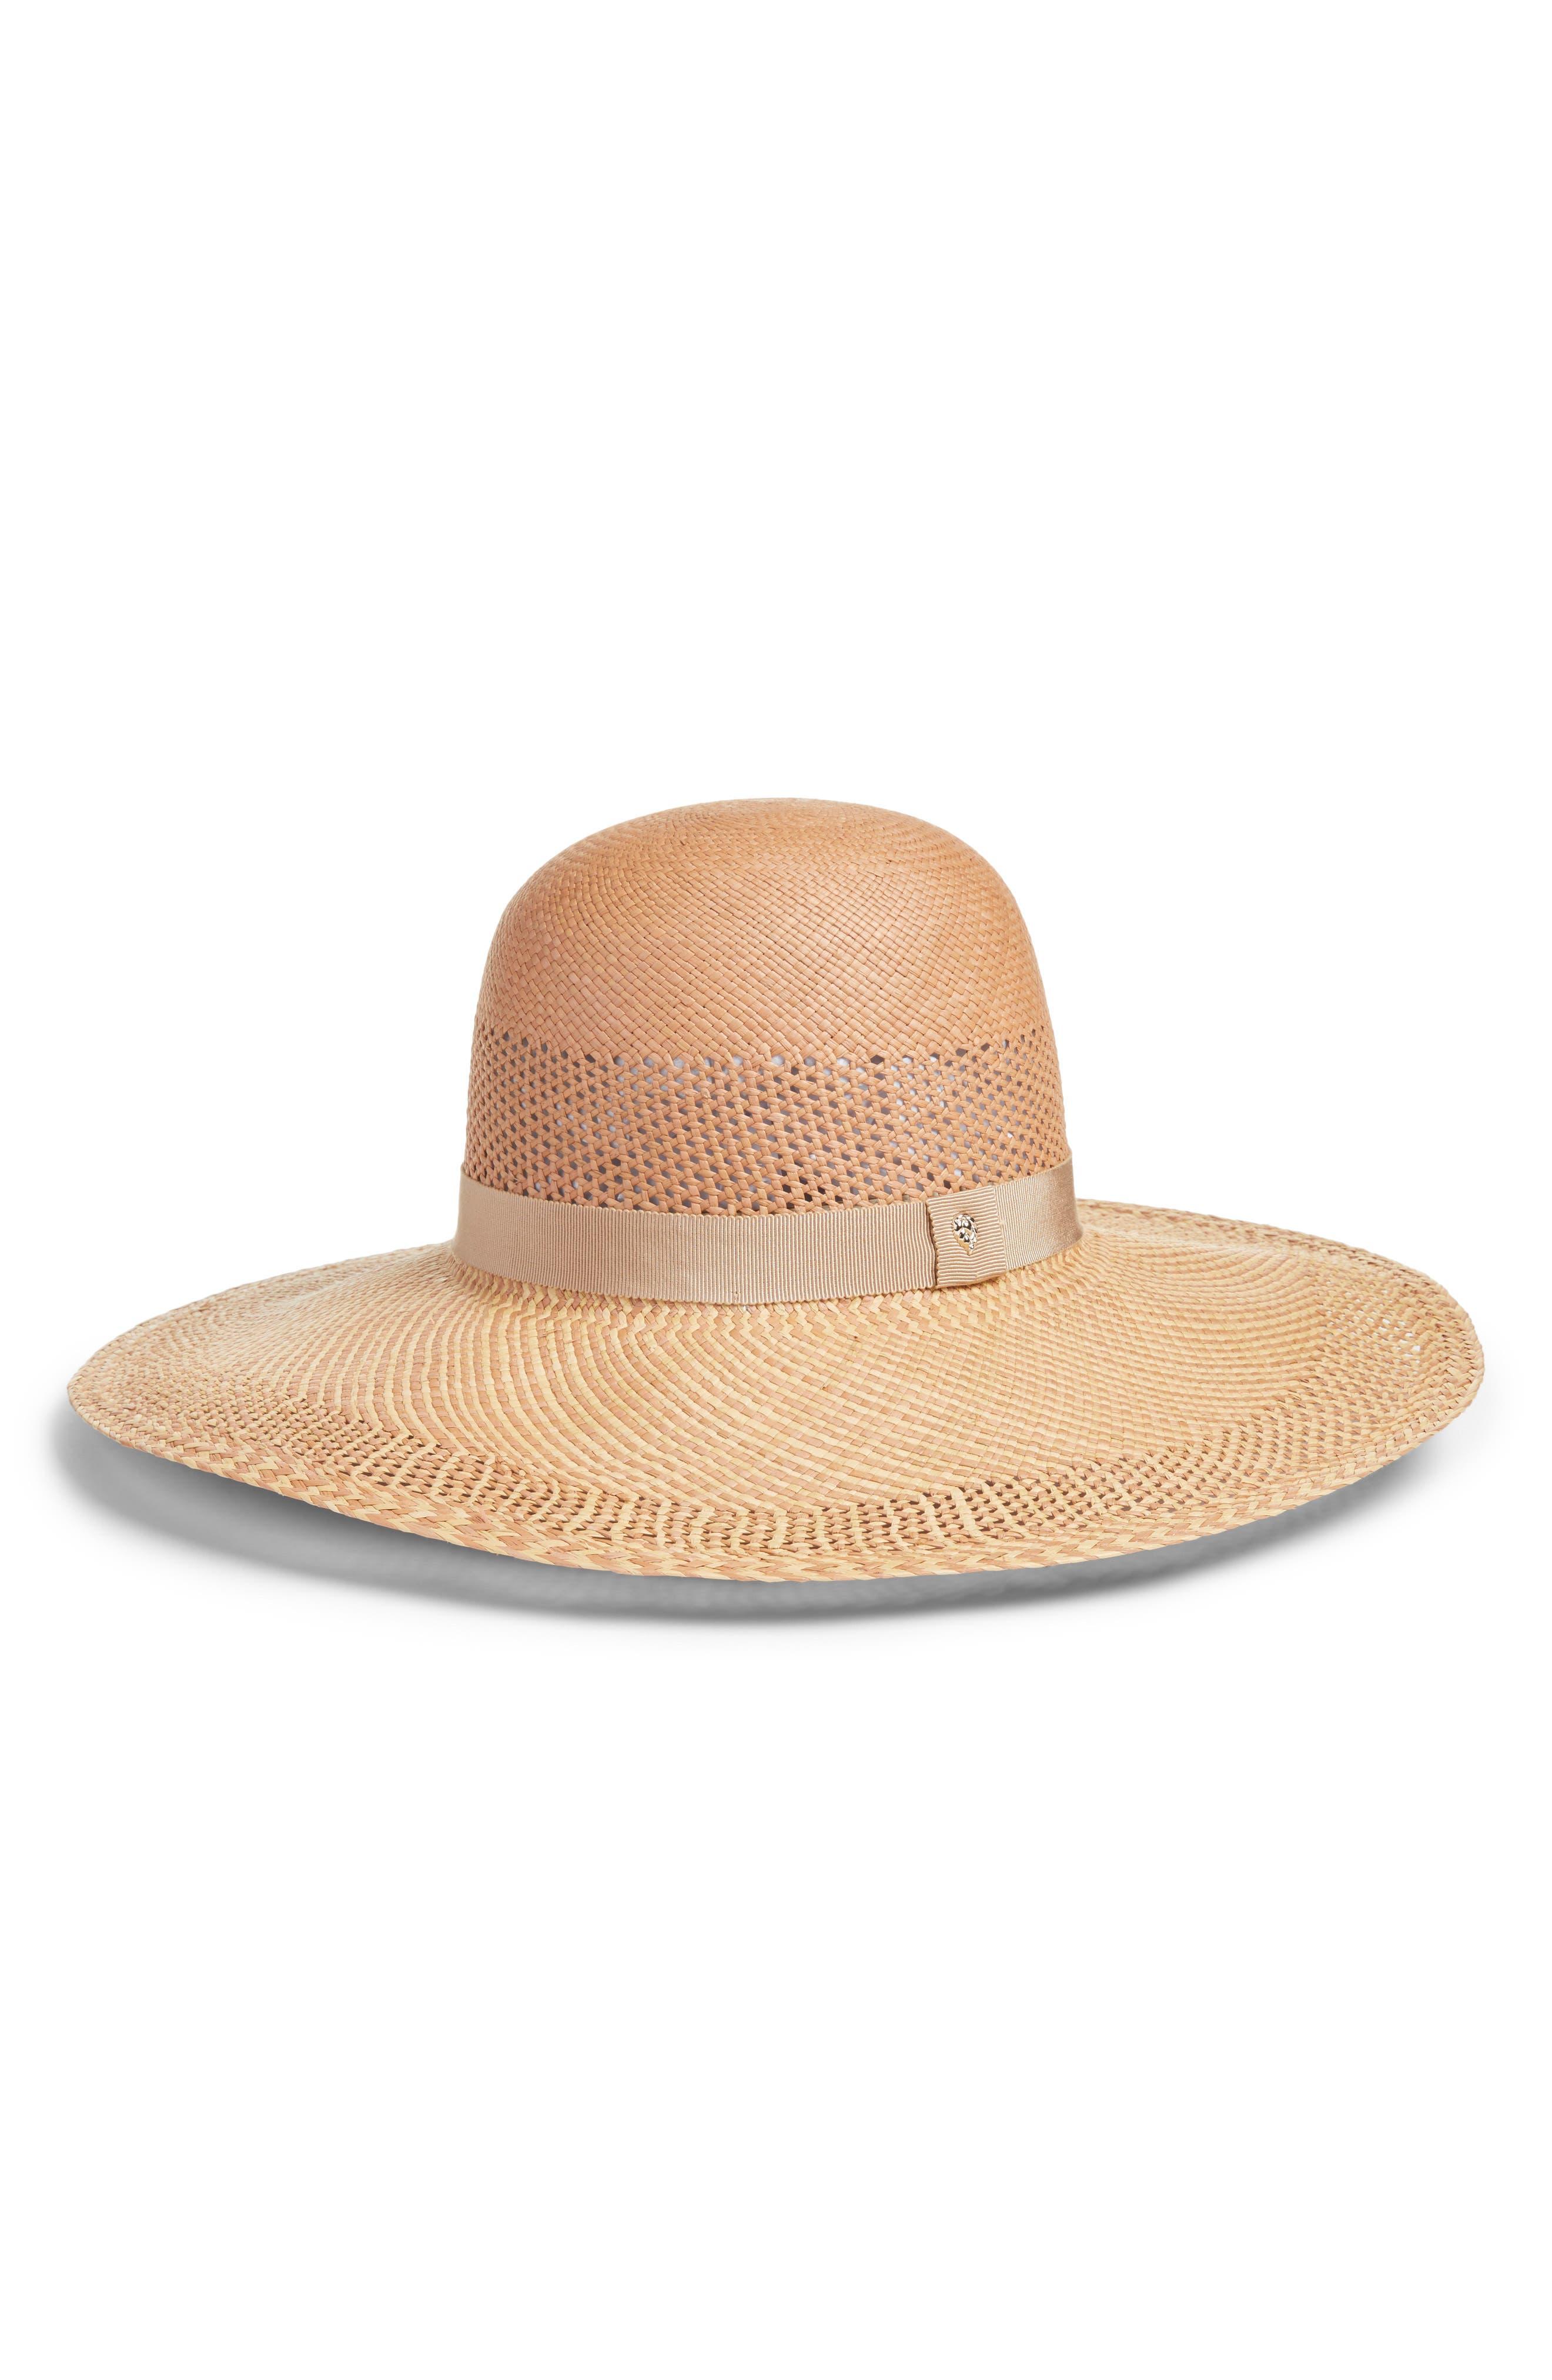 Azuay Palm Sun Hat,                         Main,                         color, Rosetta Almond/ Nude